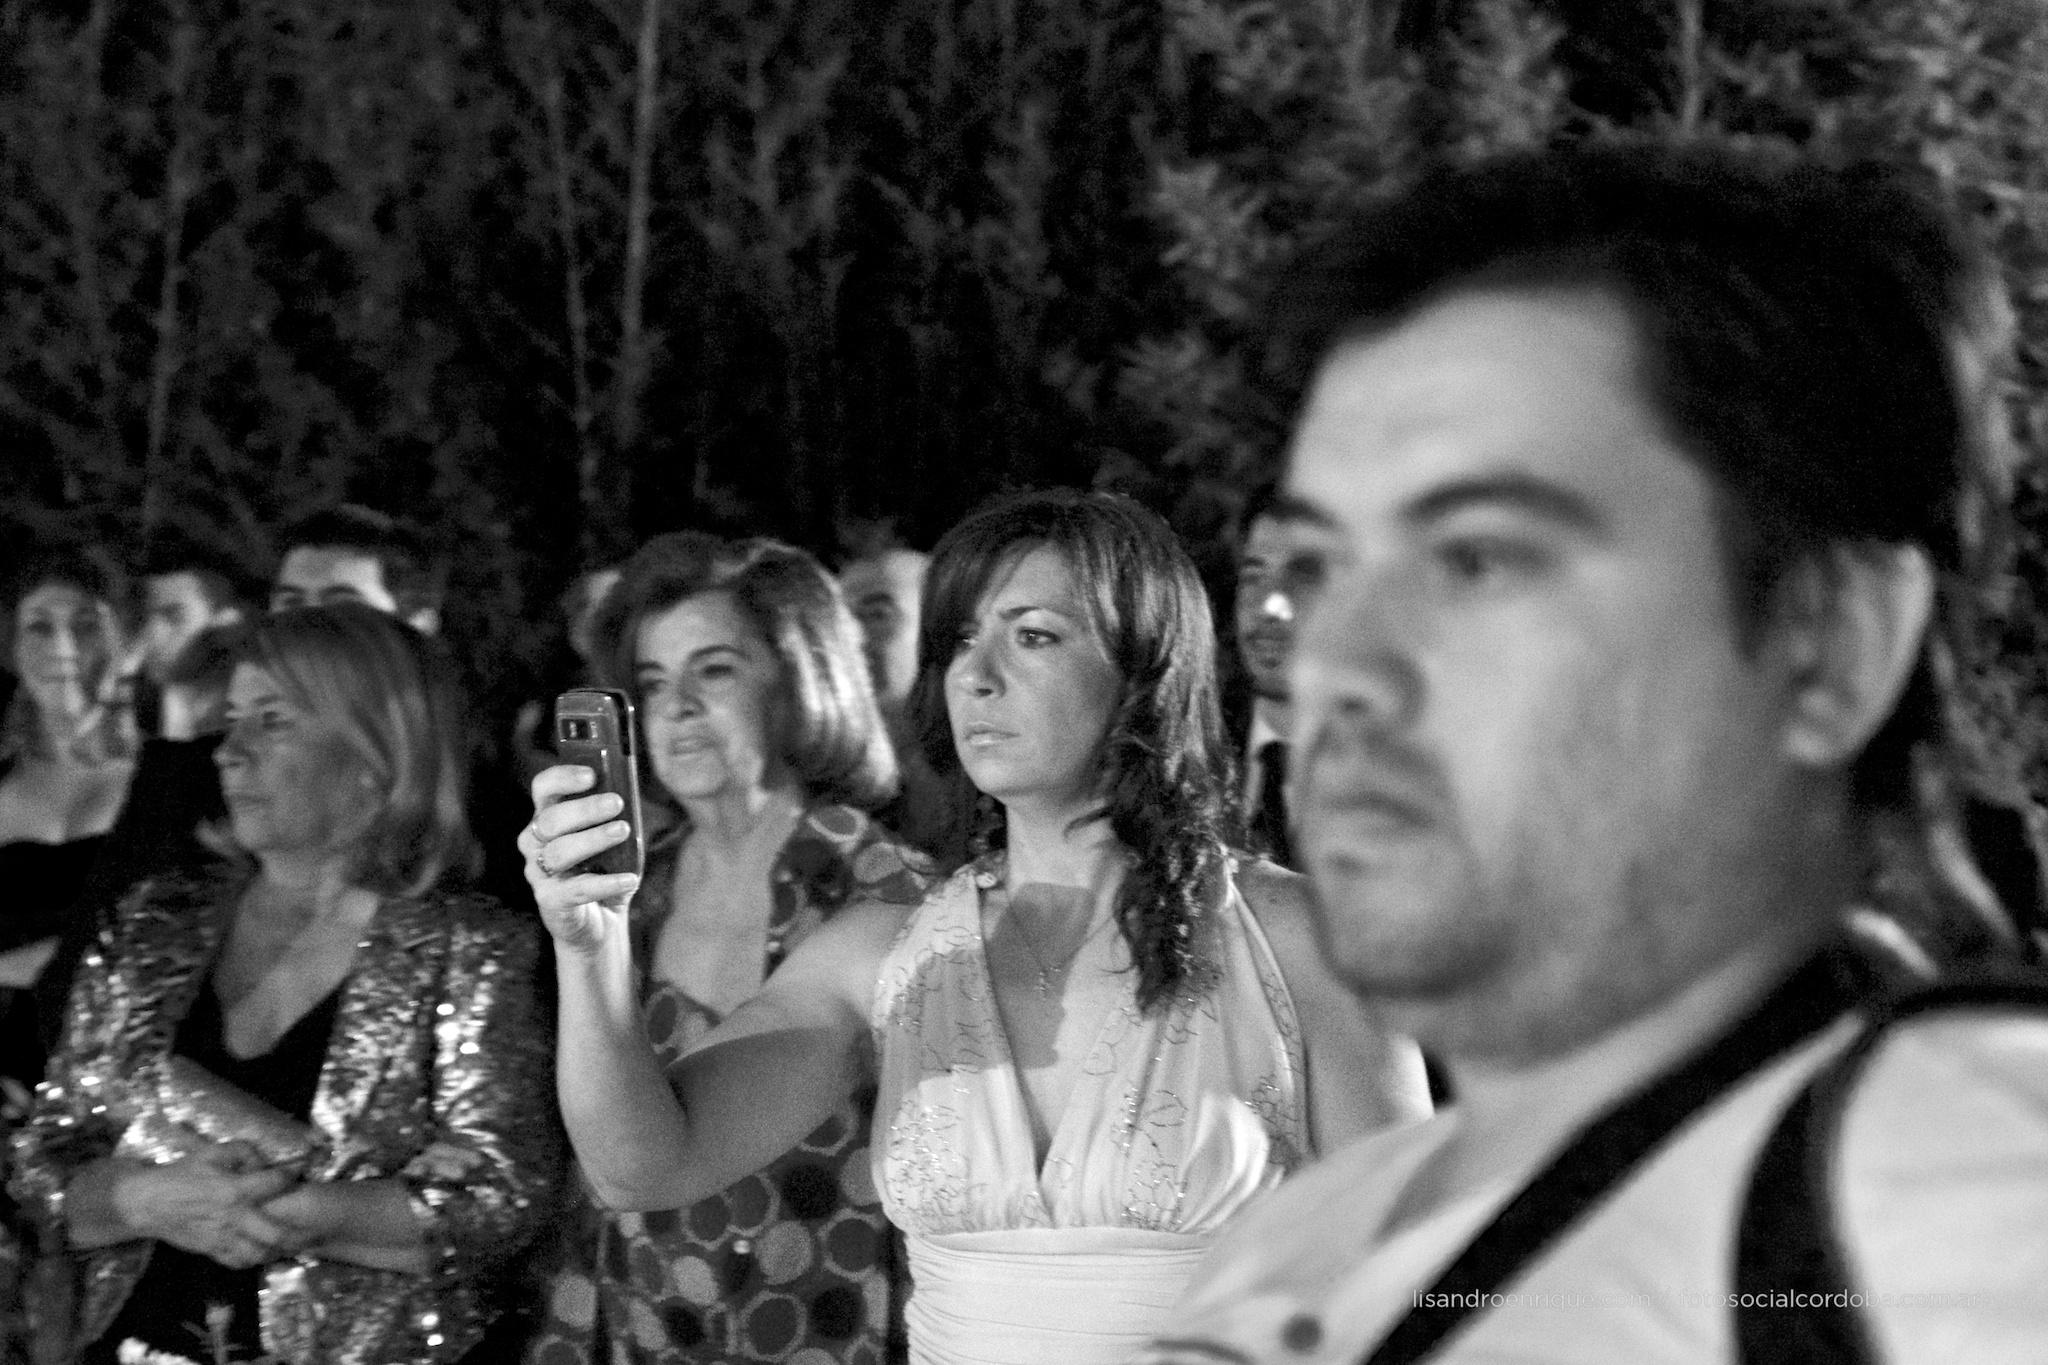 4 DSC04767 Boda Gay e Igualitaria Francisco y Pablo.jpg